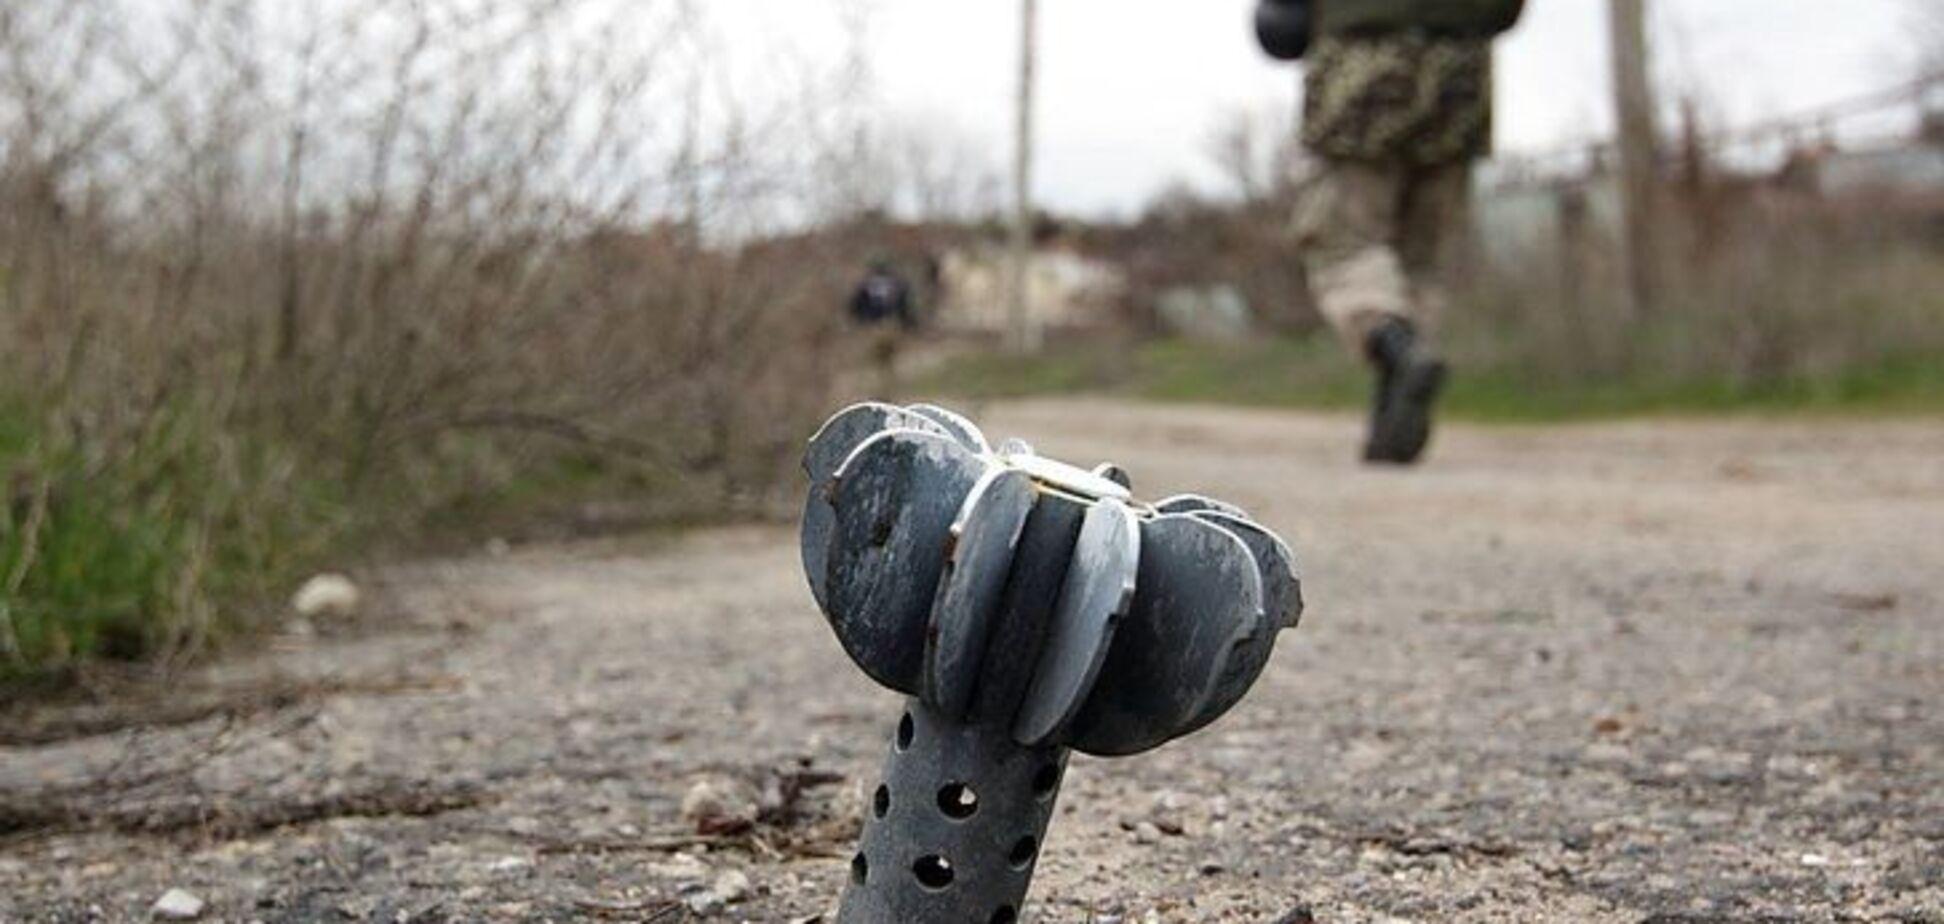 Снаряды не выбирают - российский солдат или мирный житель. Это война - украинский партизан